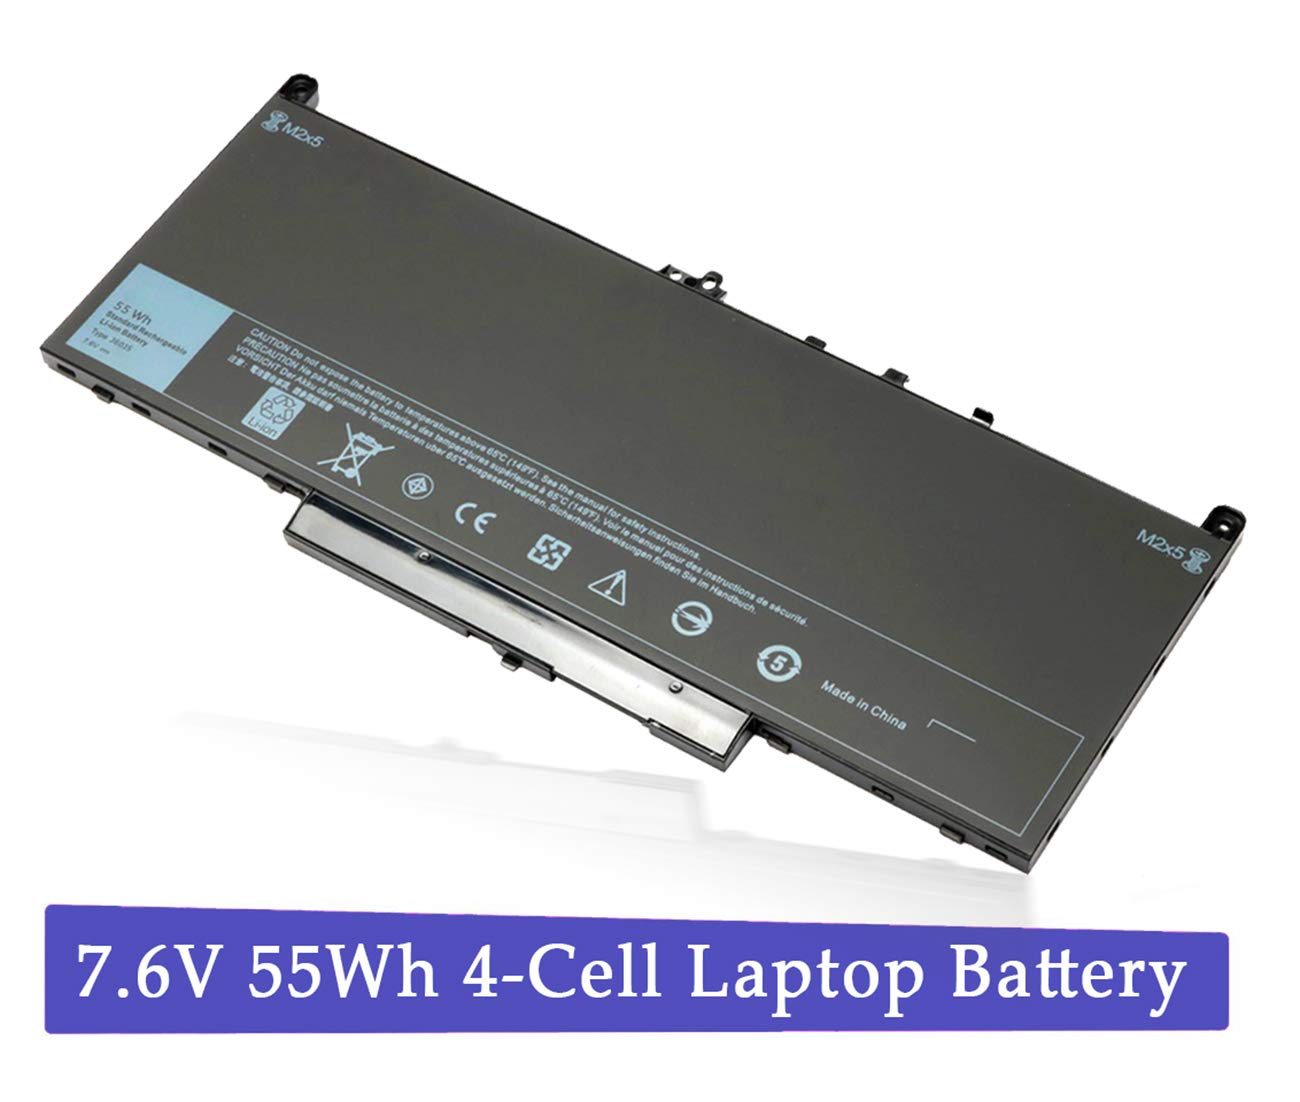 Bateria J60J5 para Dell Latitude E7270 E7470 Series 451-BBSY 451-BBSX 451-BBSU P/N:WYWJ2 MC34Y 0MC34Y 1W2Y2 242WD 7.6V 5